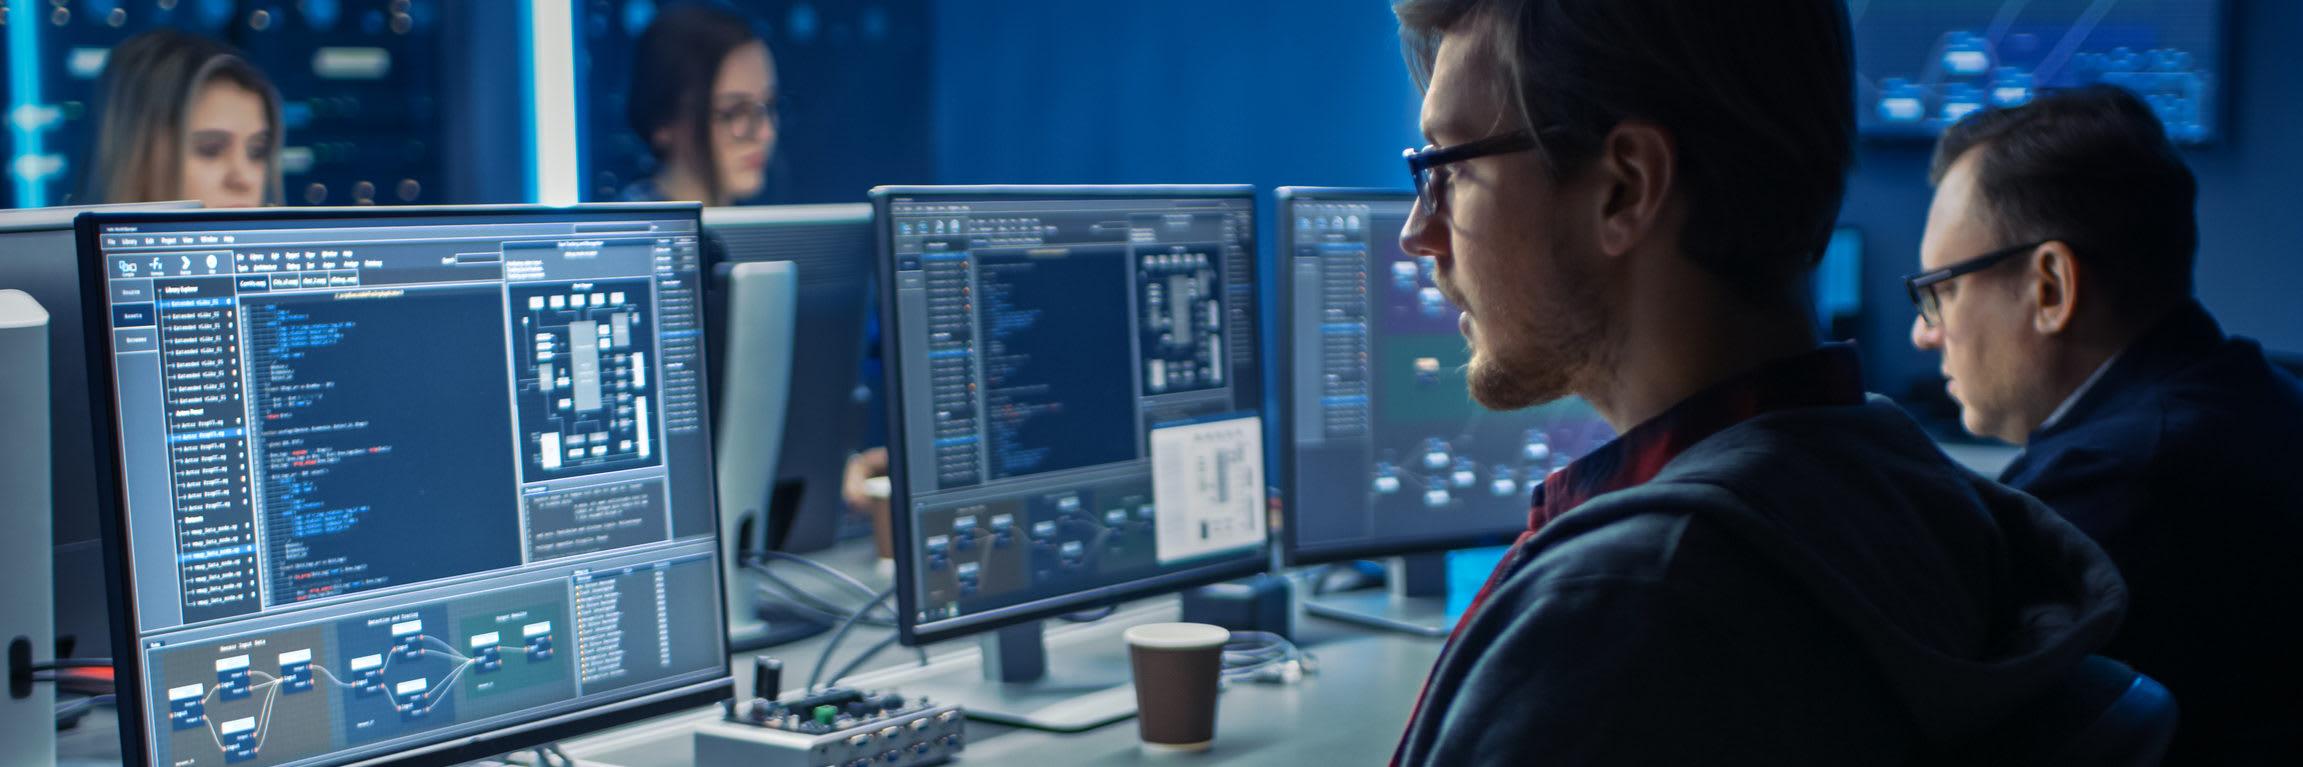 main image - database monitoring